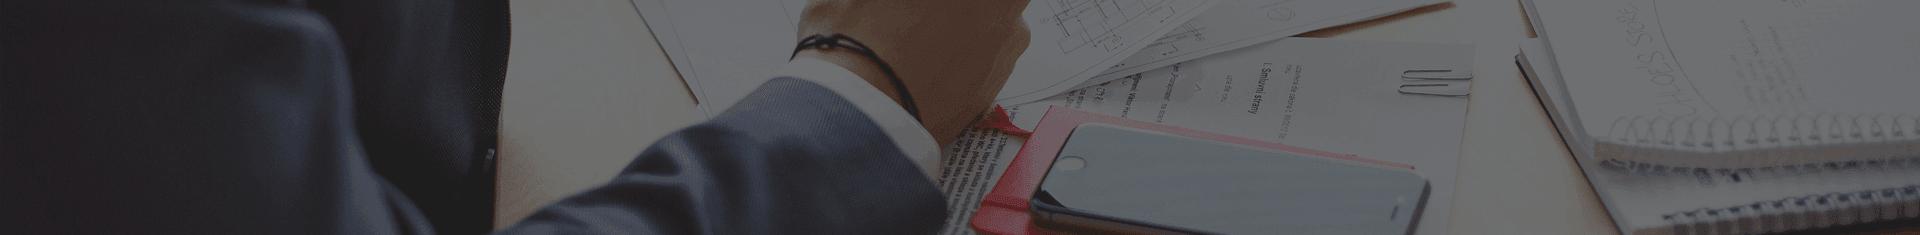 Учет улучшения основных фондов группы 1 при расторжении договора аренды